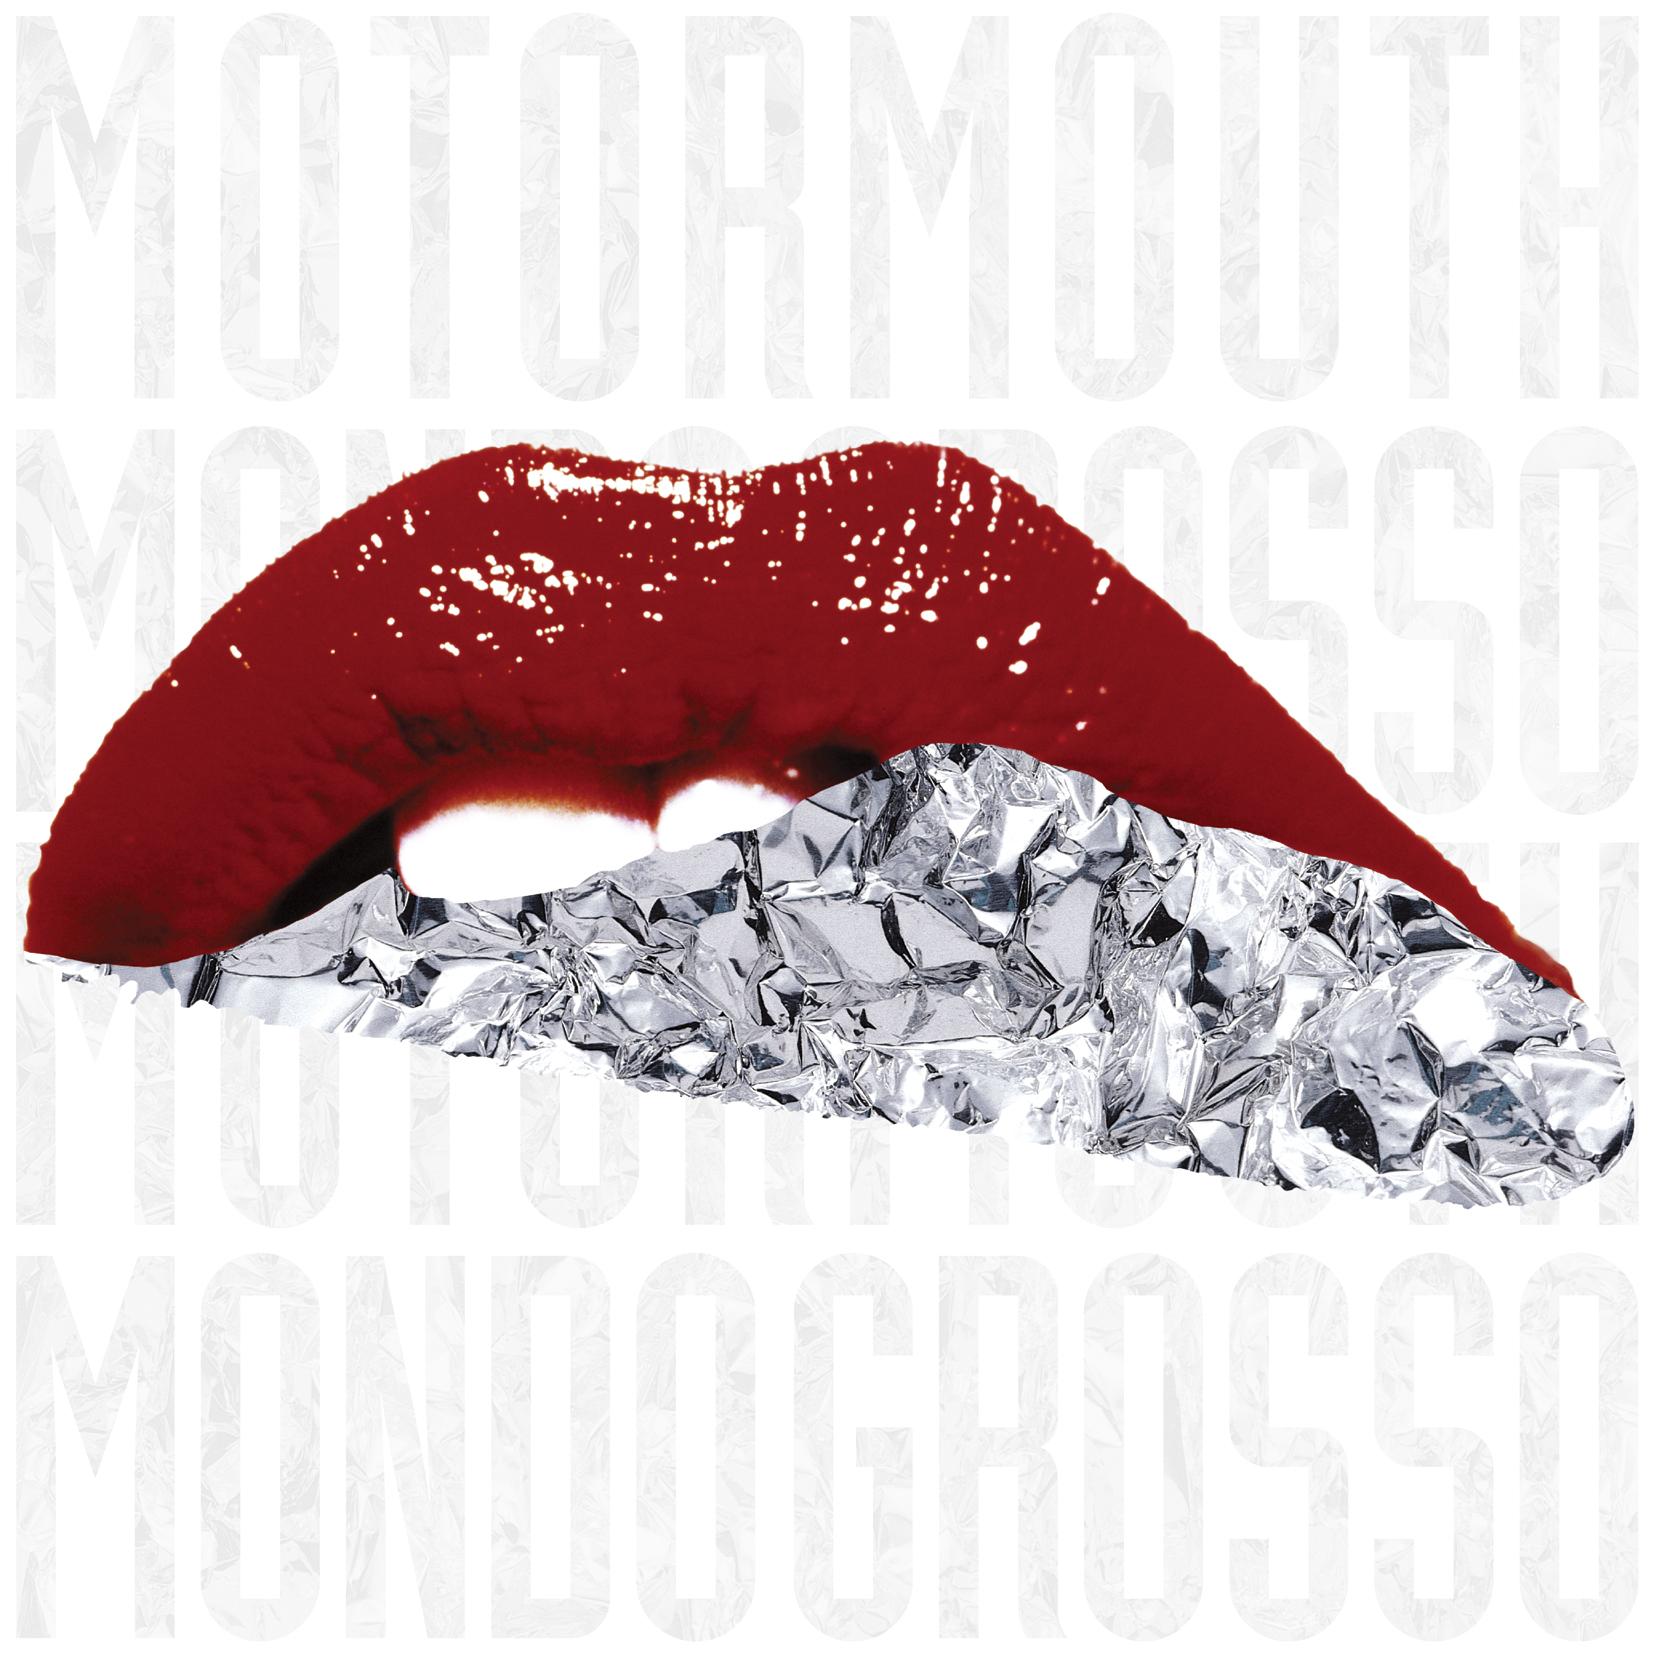 MONDO GROSSO「MOTOR MOUTH」